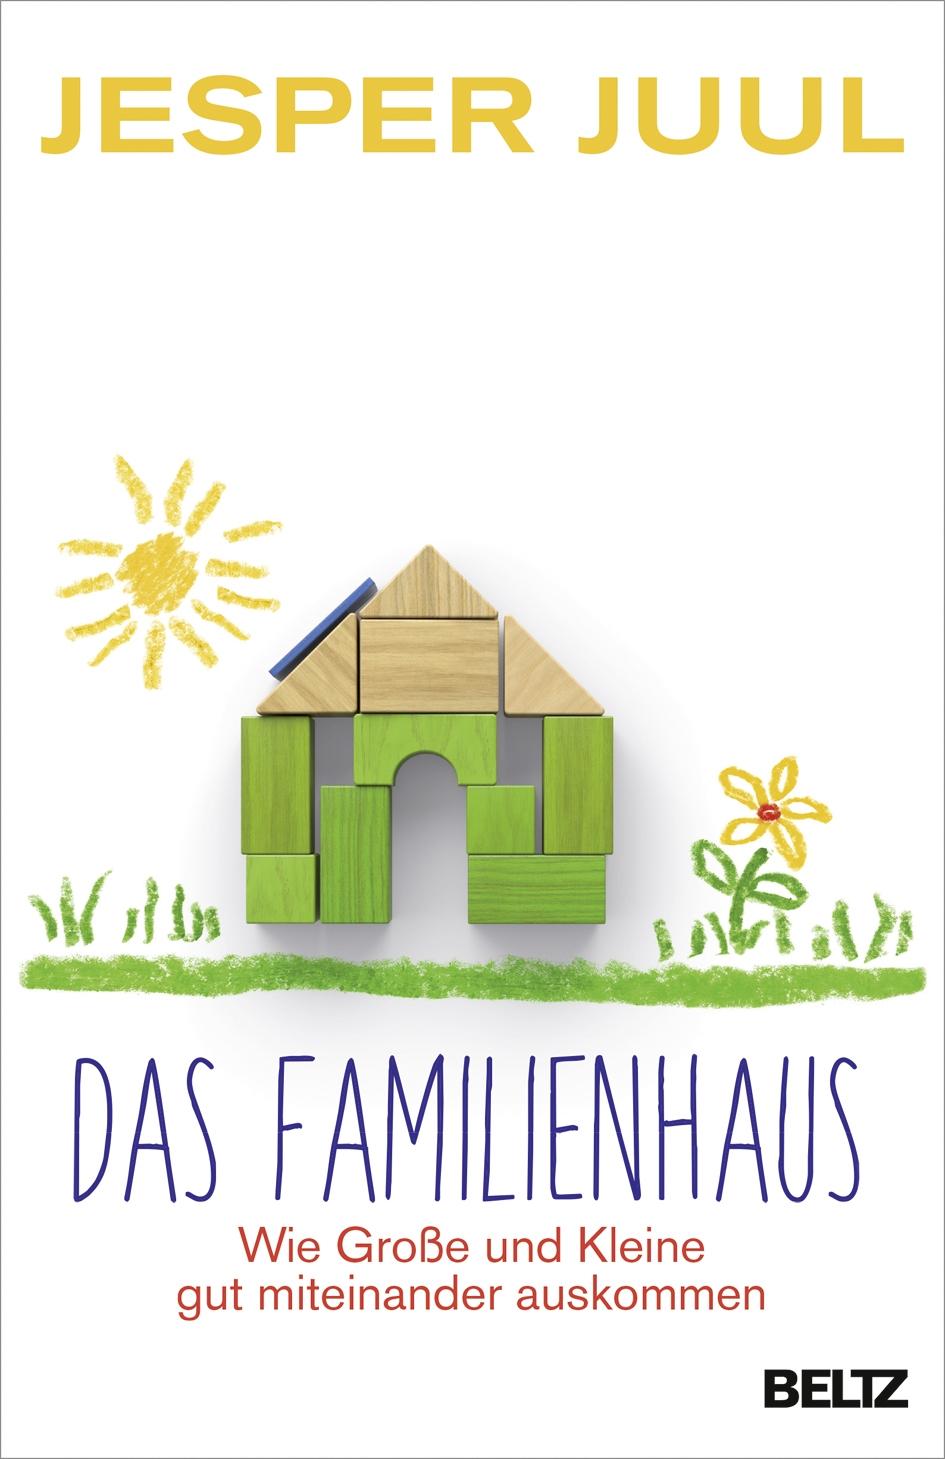 Juul_Familienhaus_U1_141103.indd